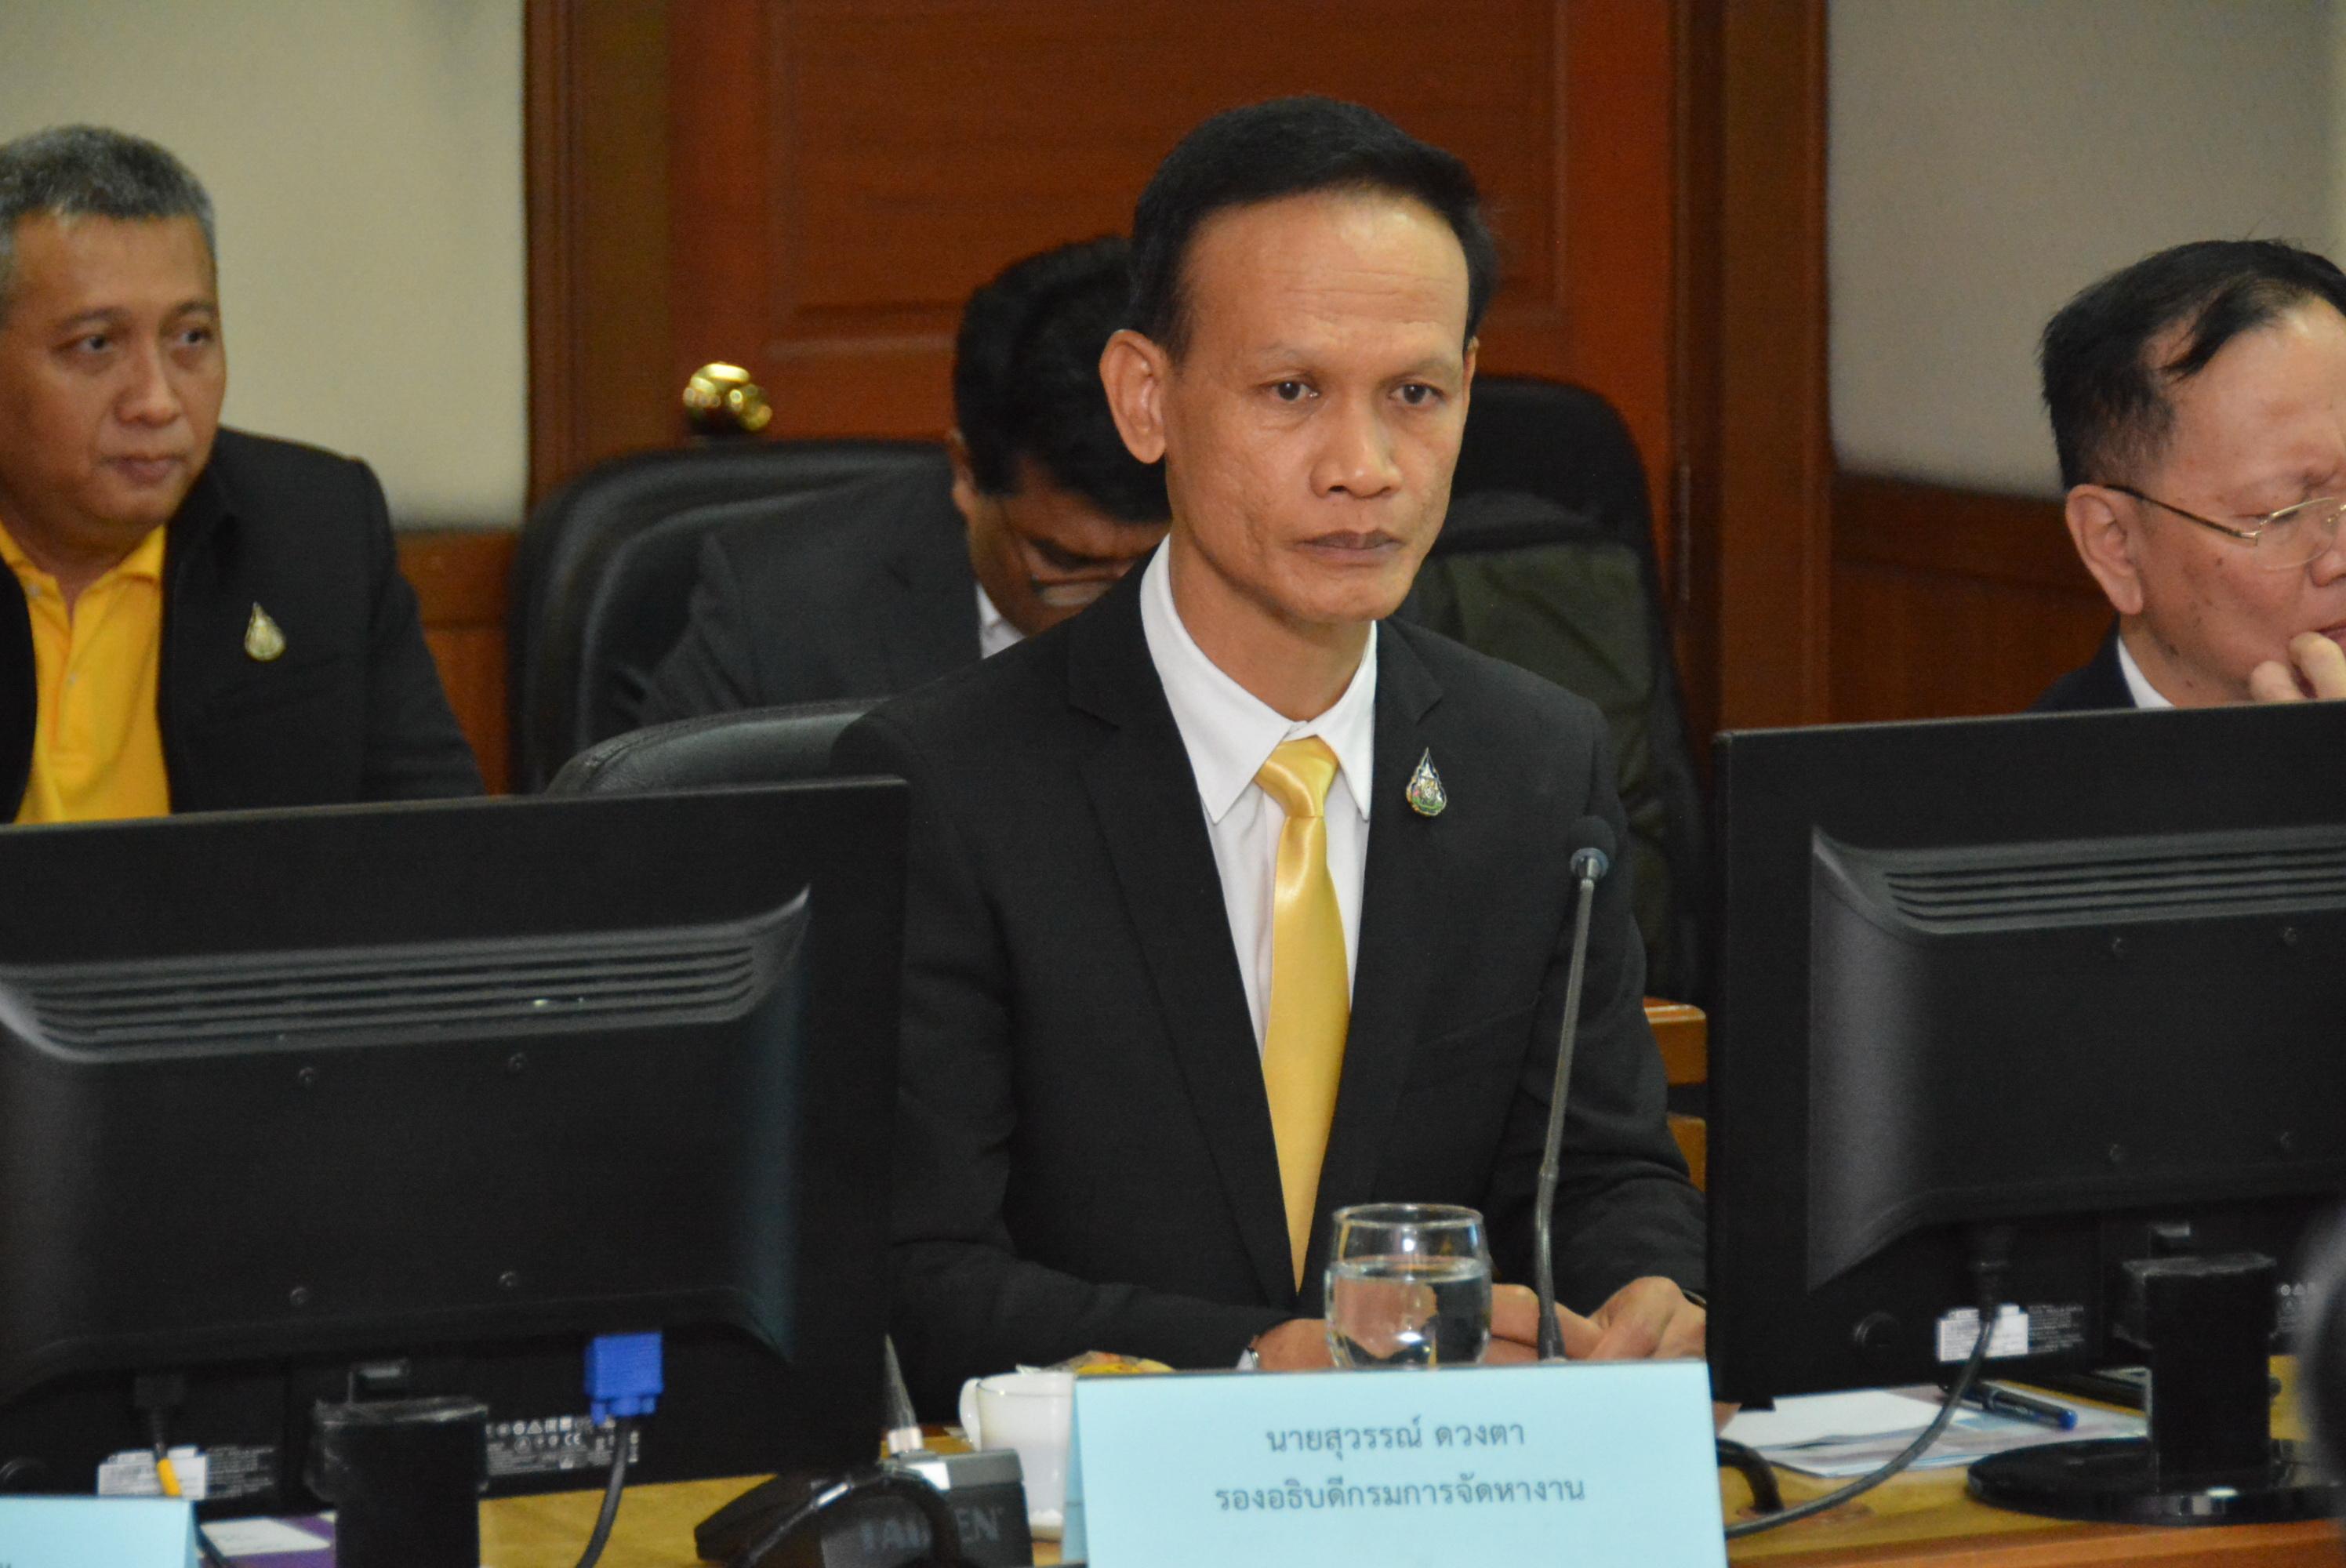 รองอธิบดีกรมการจัดหางาน    ร่วมหารือกับสมาคมการประมงแห่งประเทศไทย